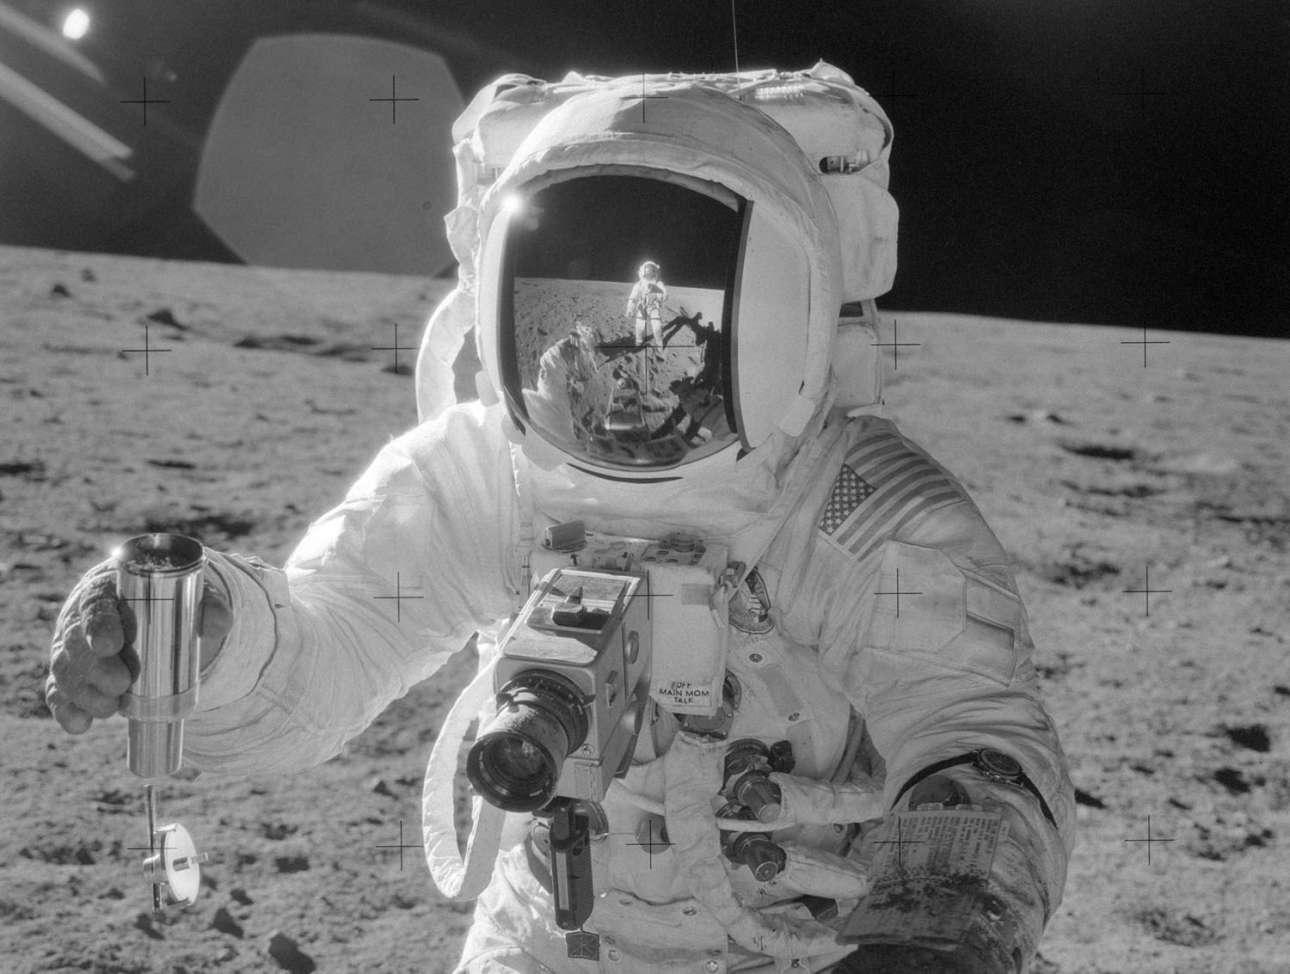 Ο Αλαν Μπιν κράτα ένα ειδικό δοχείο για τη συλλογή περιβαλλοντικών δειγμάτων από τη Σελήνη, στο οποίο έχει συγκεντρώσει χώμα. Ο Τσαρλς Κόνραντ που τον βγάζει φωτογραφία, διακρίνεται στον αντικατοπτρισμό του κράνους του